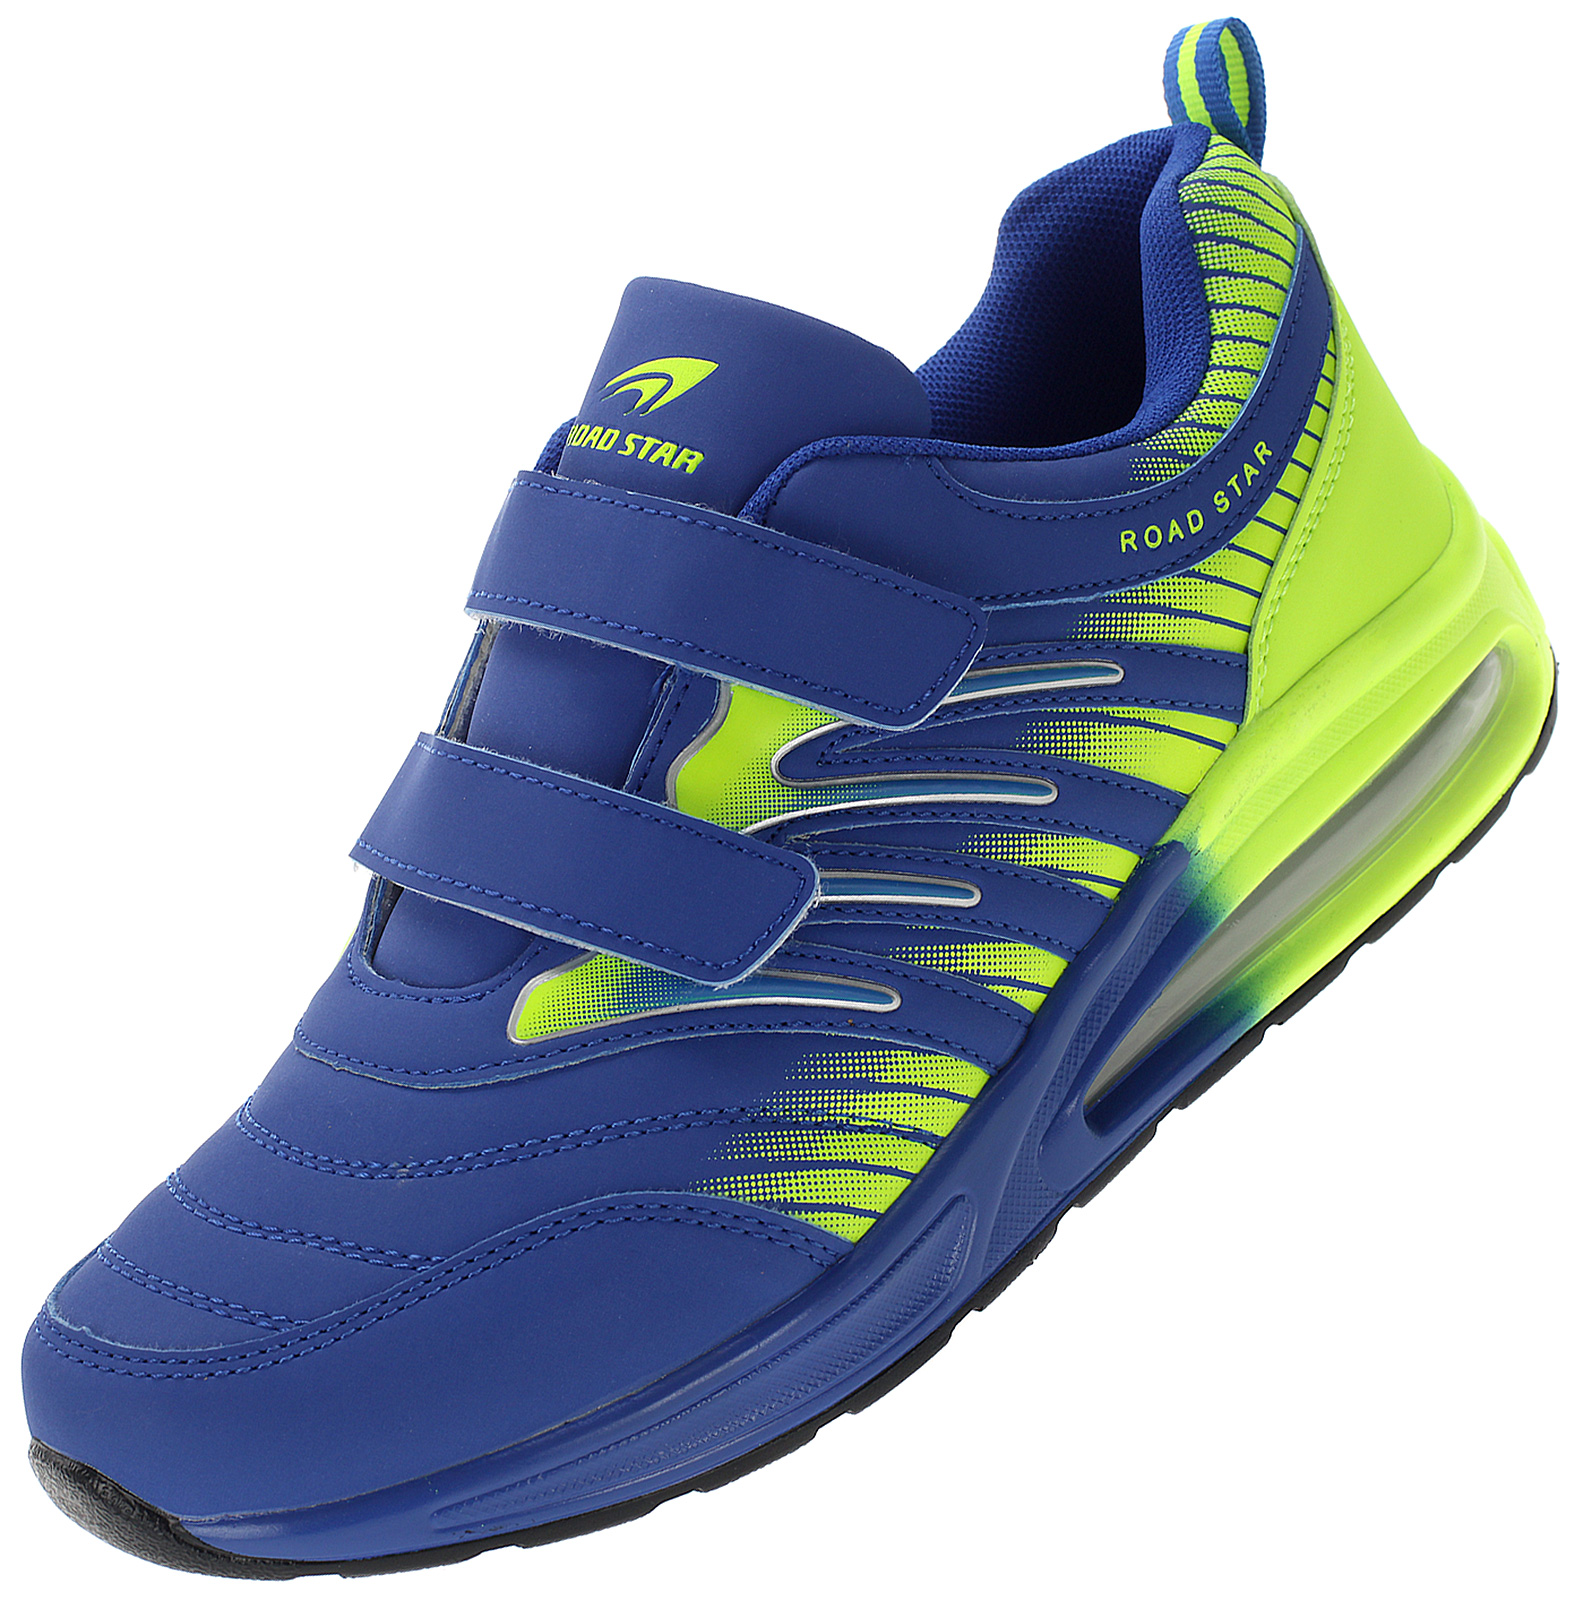 12. Blau-Grün